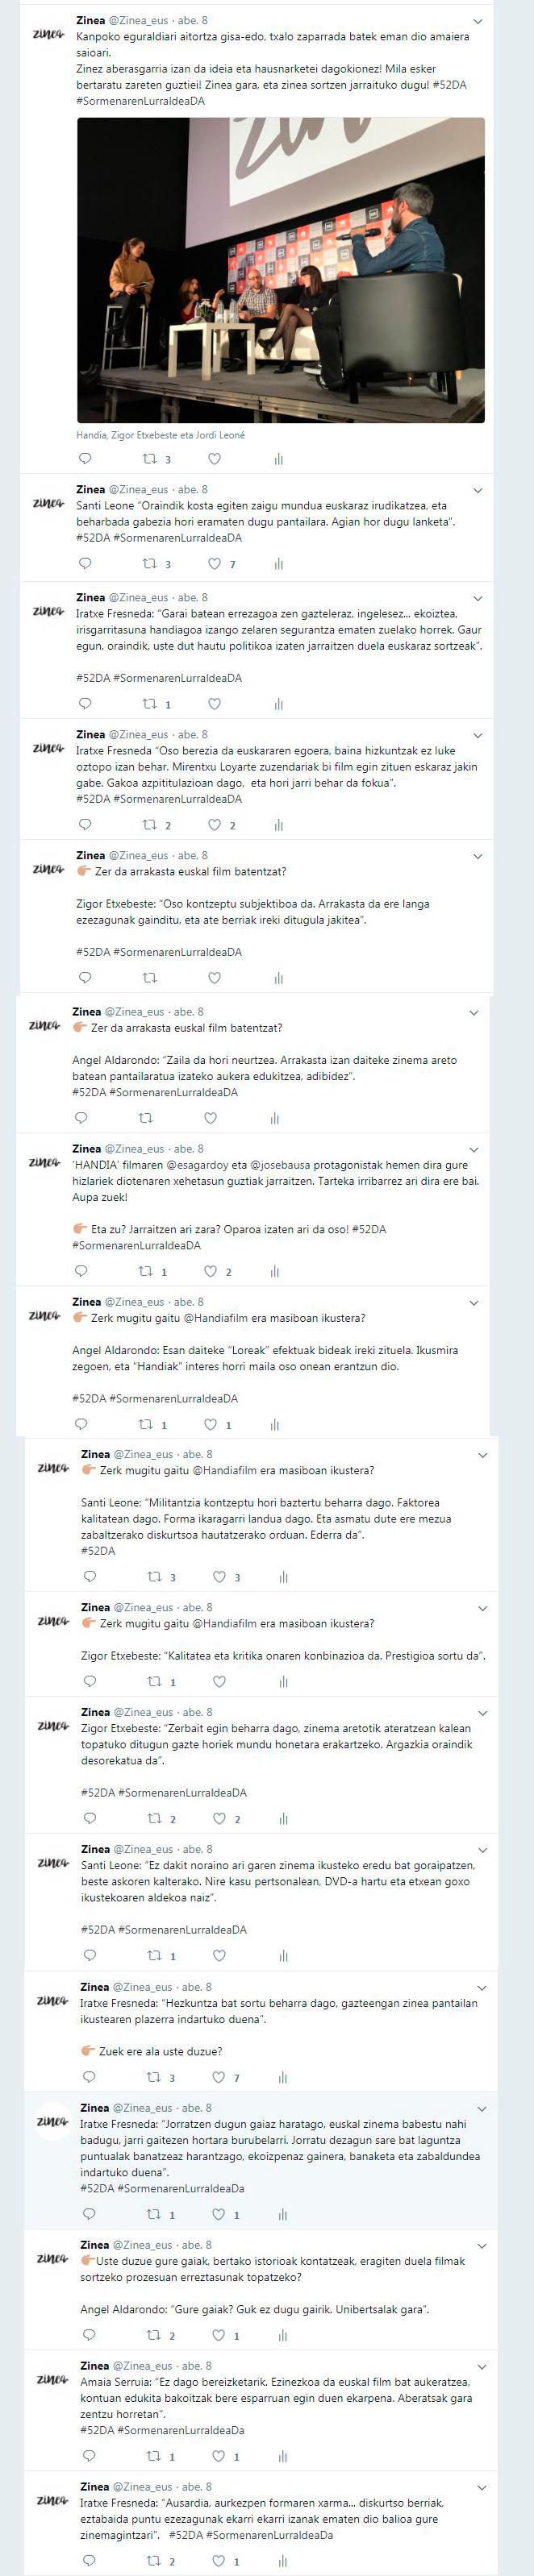 Twitter-Durango-Zerrenda-osorik